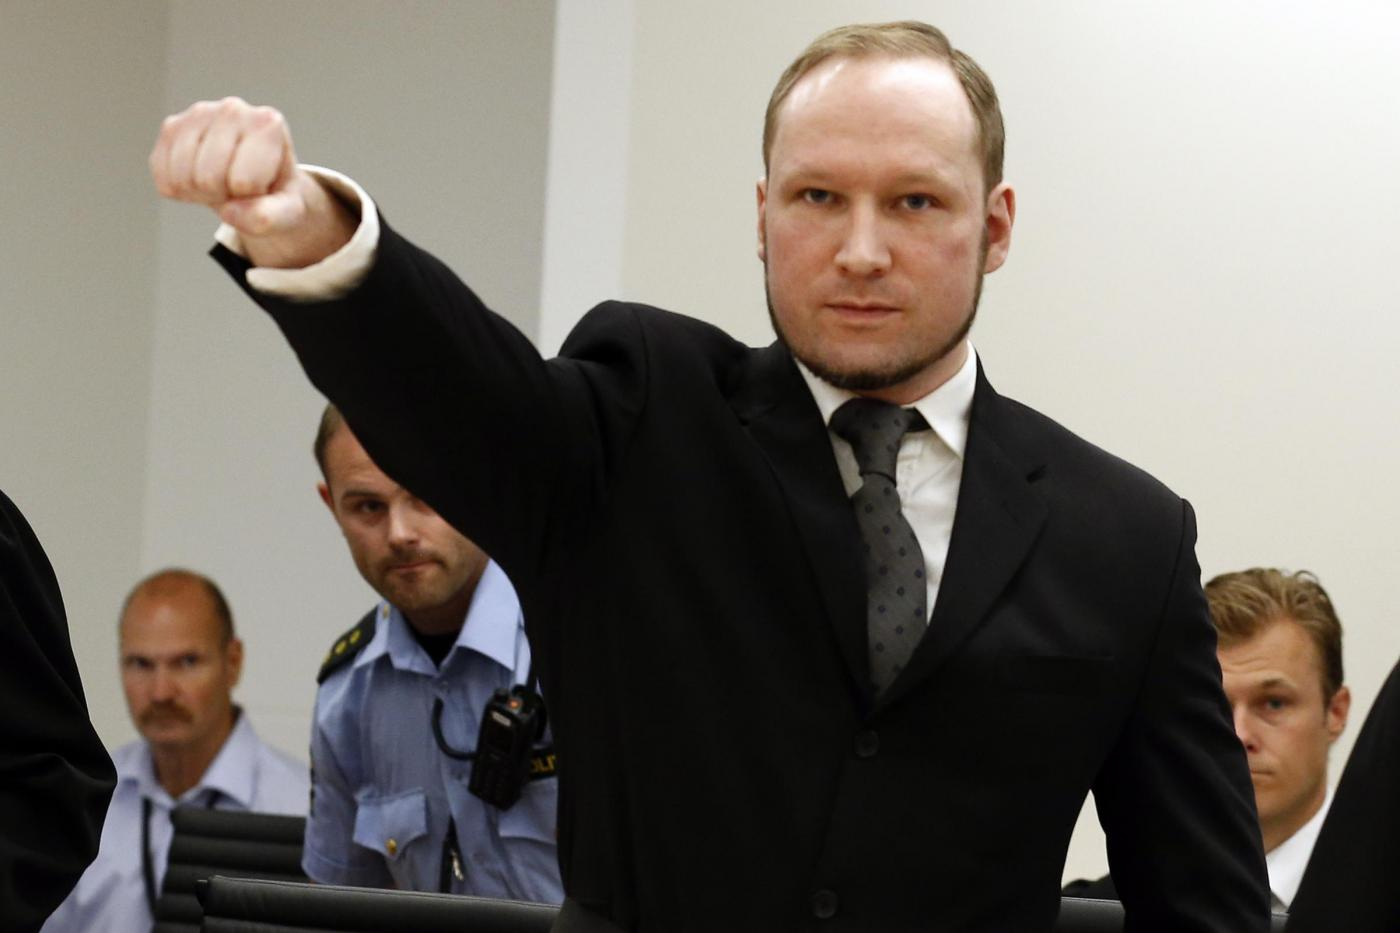 Trattamento disumano per Anders Breivik? La Norvegia farà appello contro la sentenza